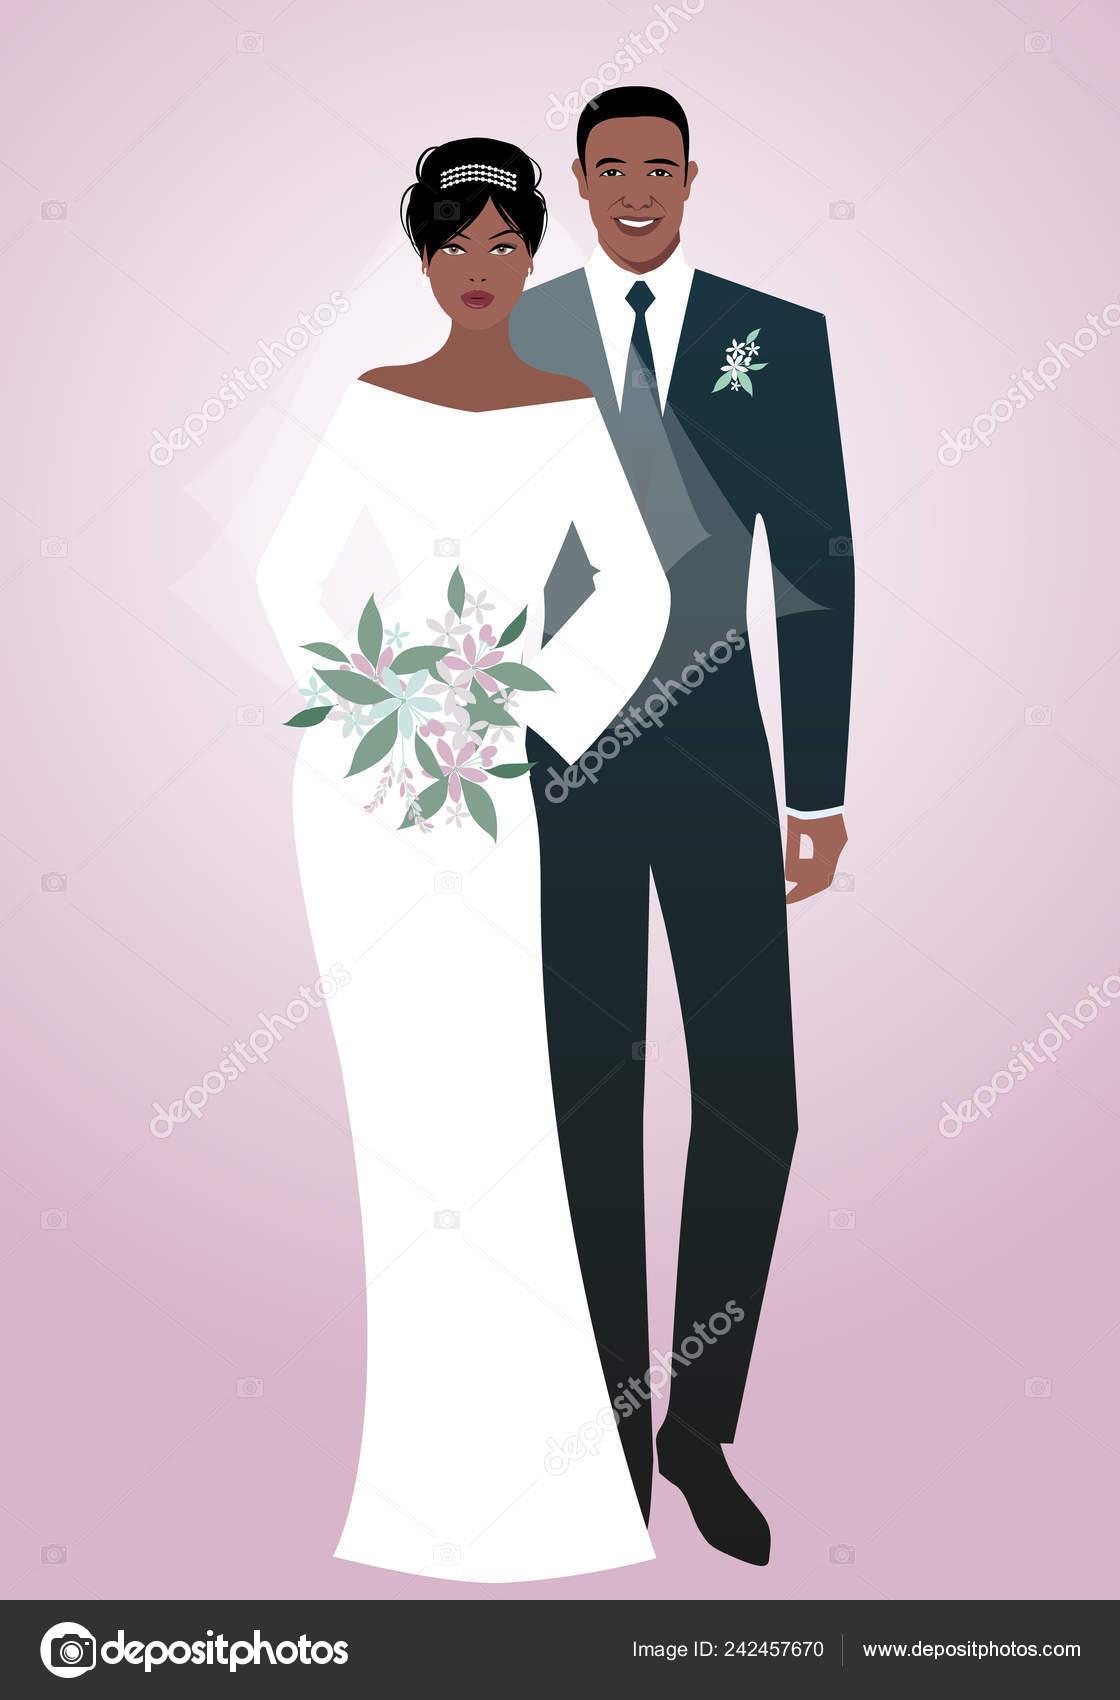 0fb0047df Joven Pareja Afro Recién Casados Con Ropa Boda Novio Elegante ...